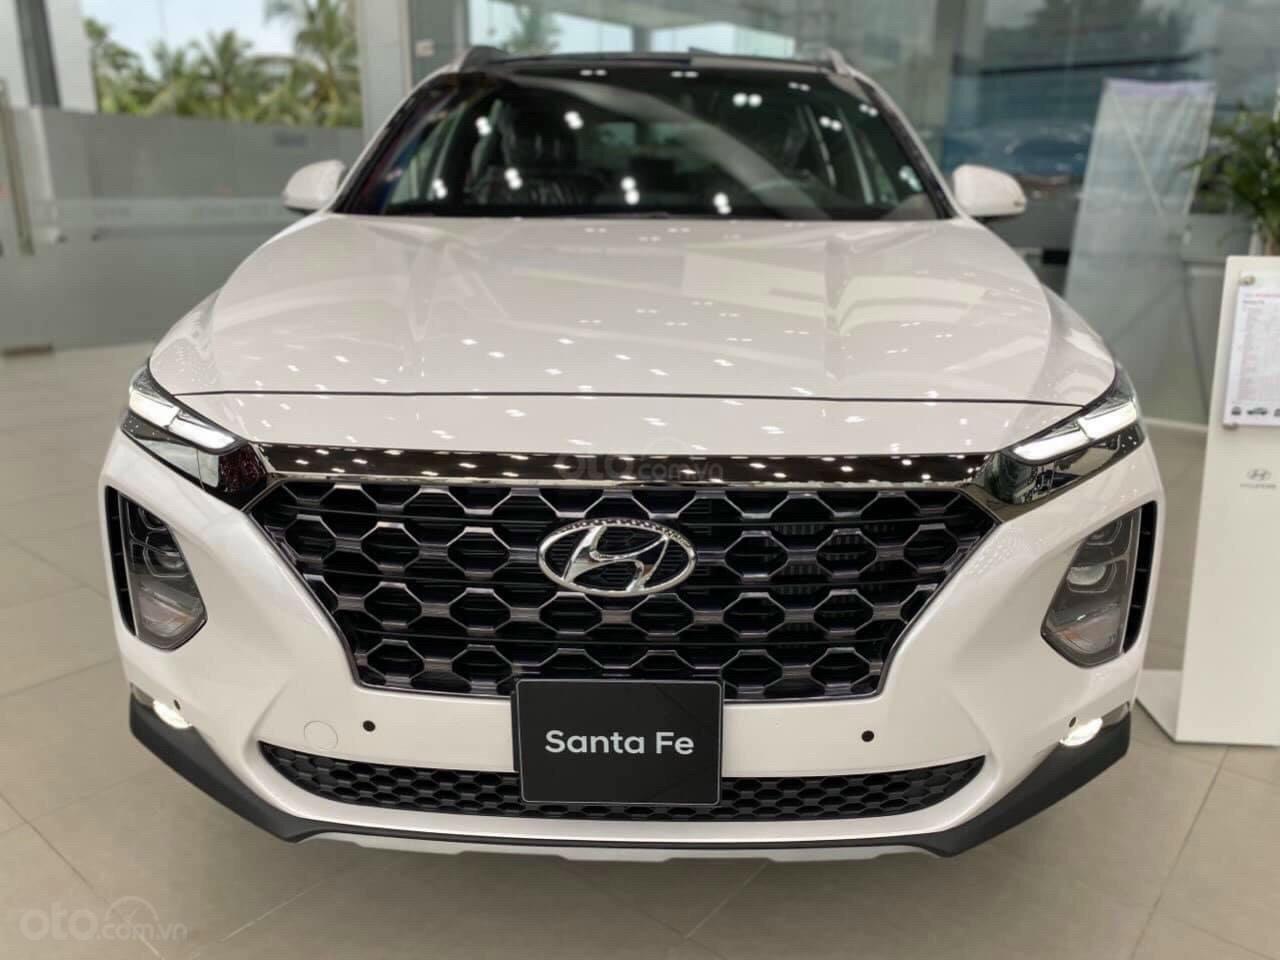 Bán xe Hyundai SantaFe 7 chỗ mới 100% giá lăn bánh cực thấp - đưa trước 300 triệu nhận xe (2)